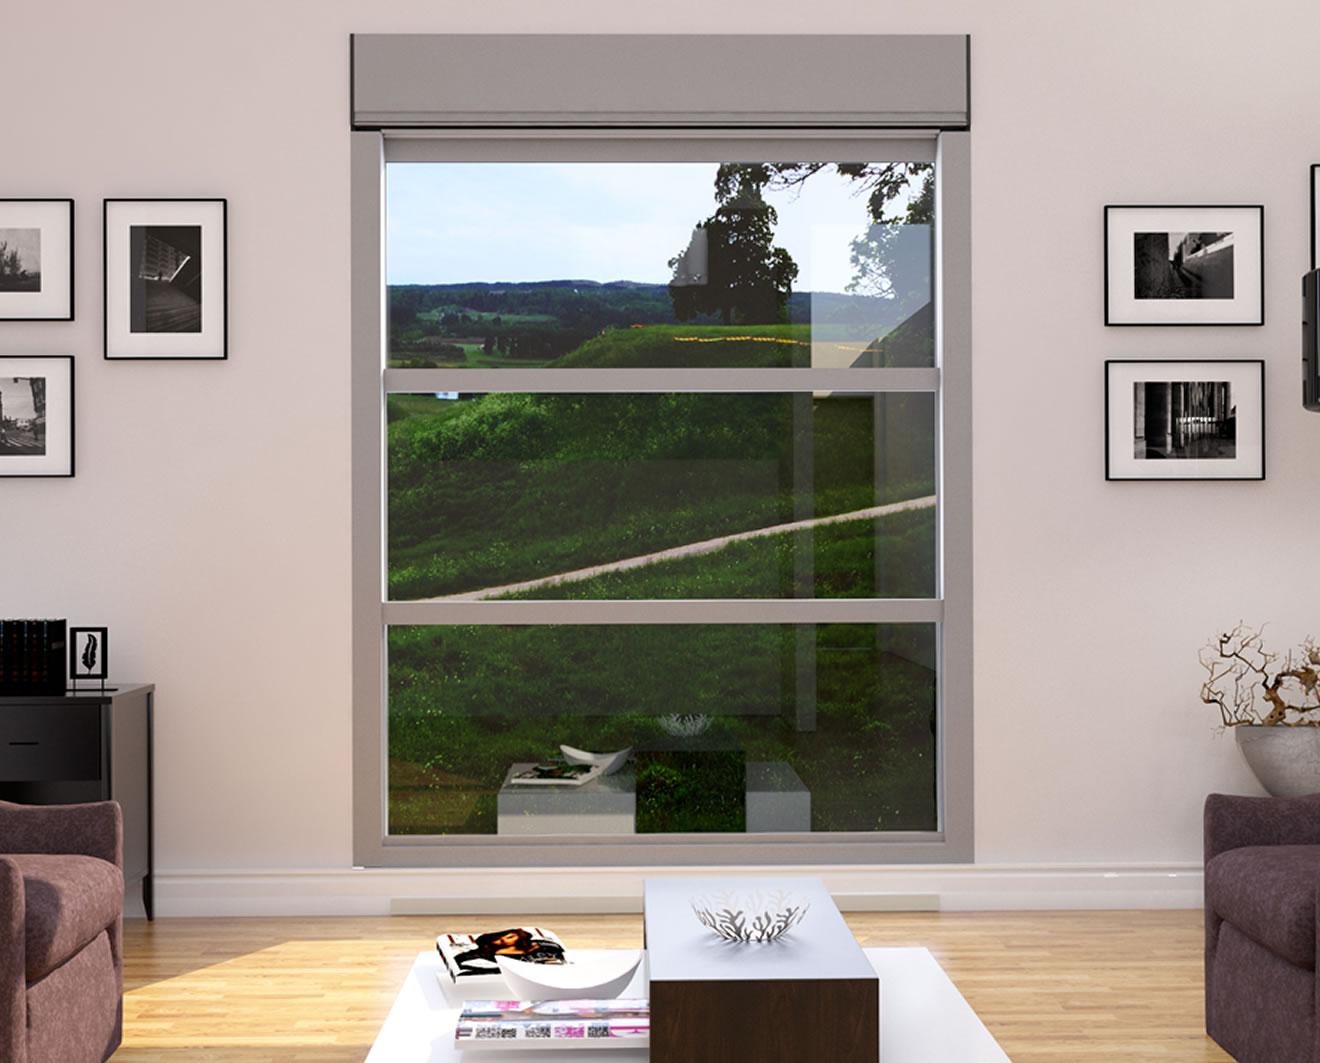 ısıcamlı giyotinli cam balkon